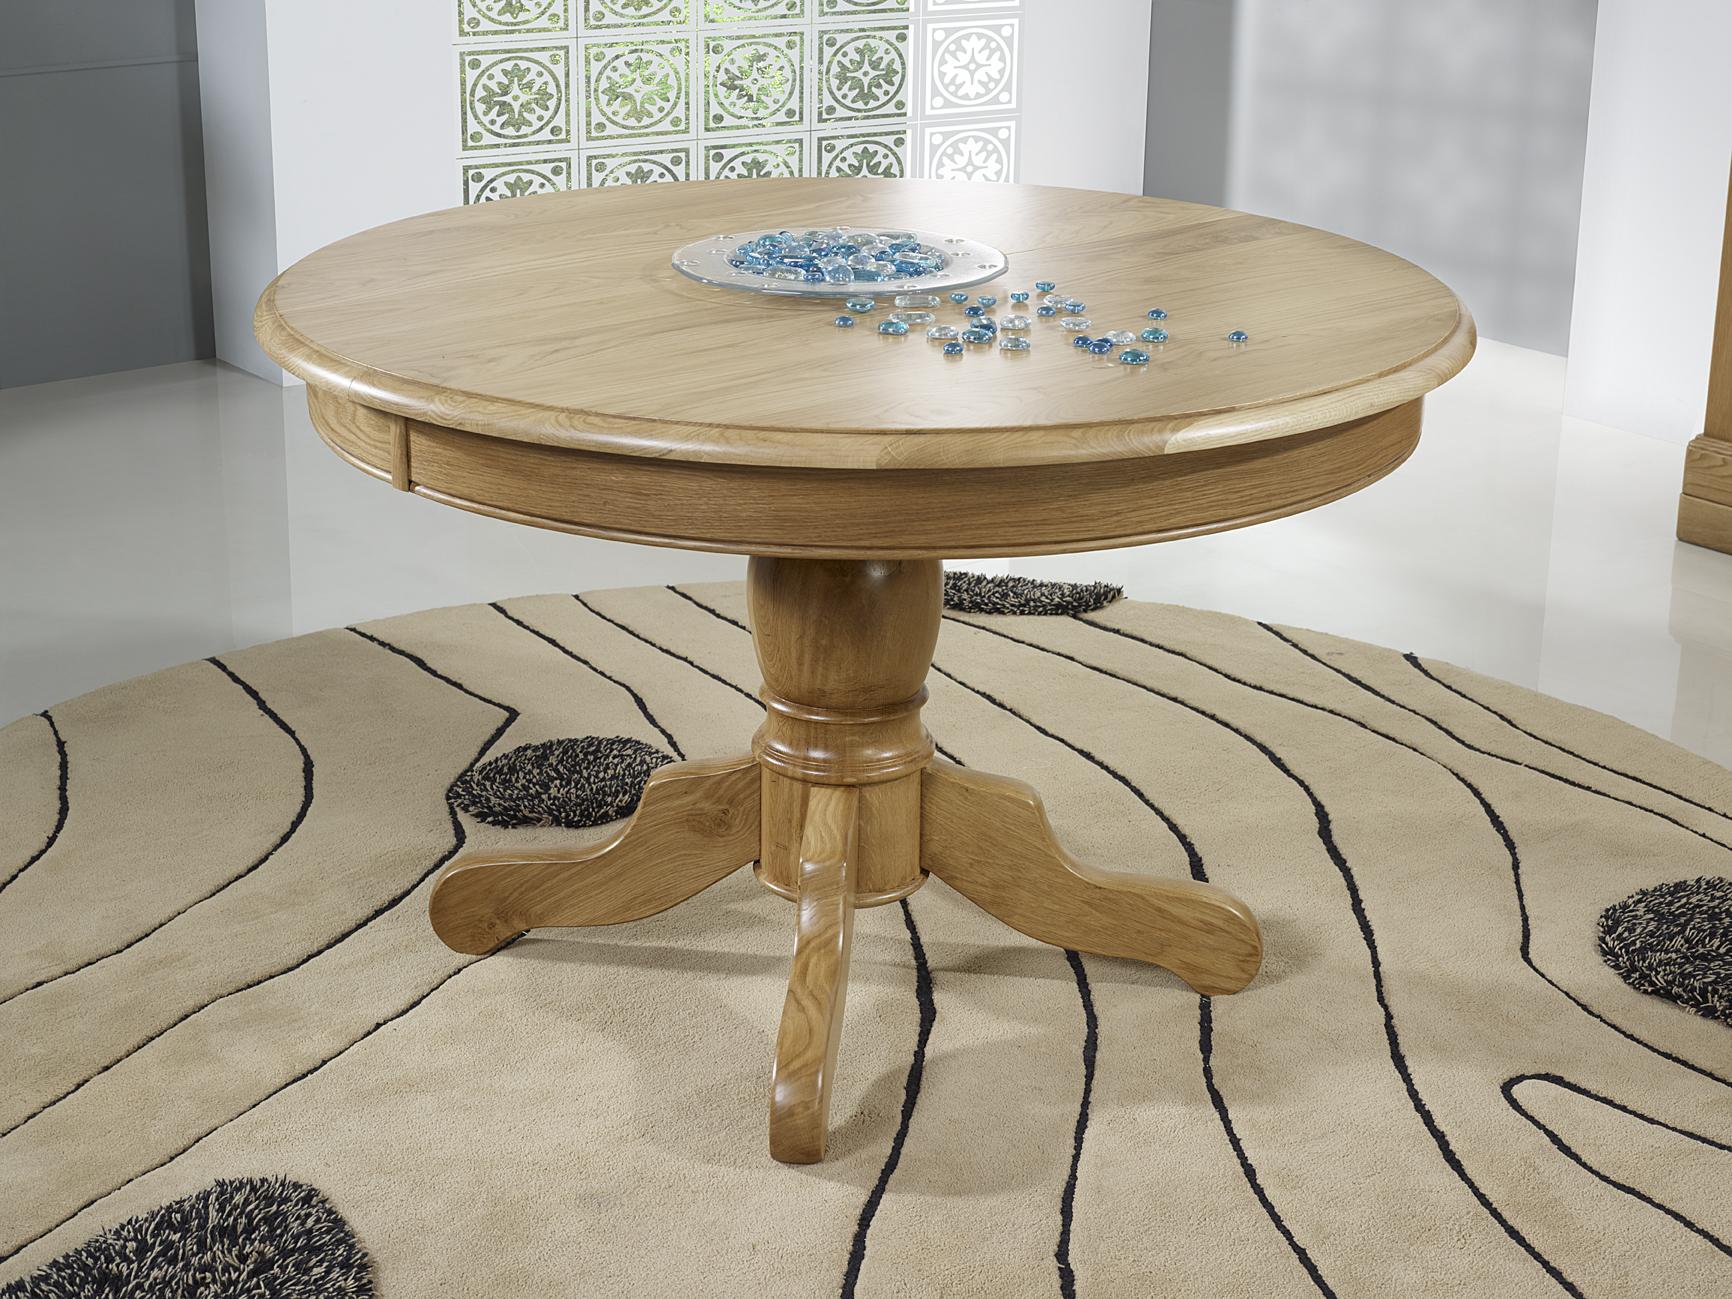 Table Ronde Pied Central Anna Réalisée En Chêne Massif De Style Louis Philippe Diametre 120 2 Allonges De 40 Cm